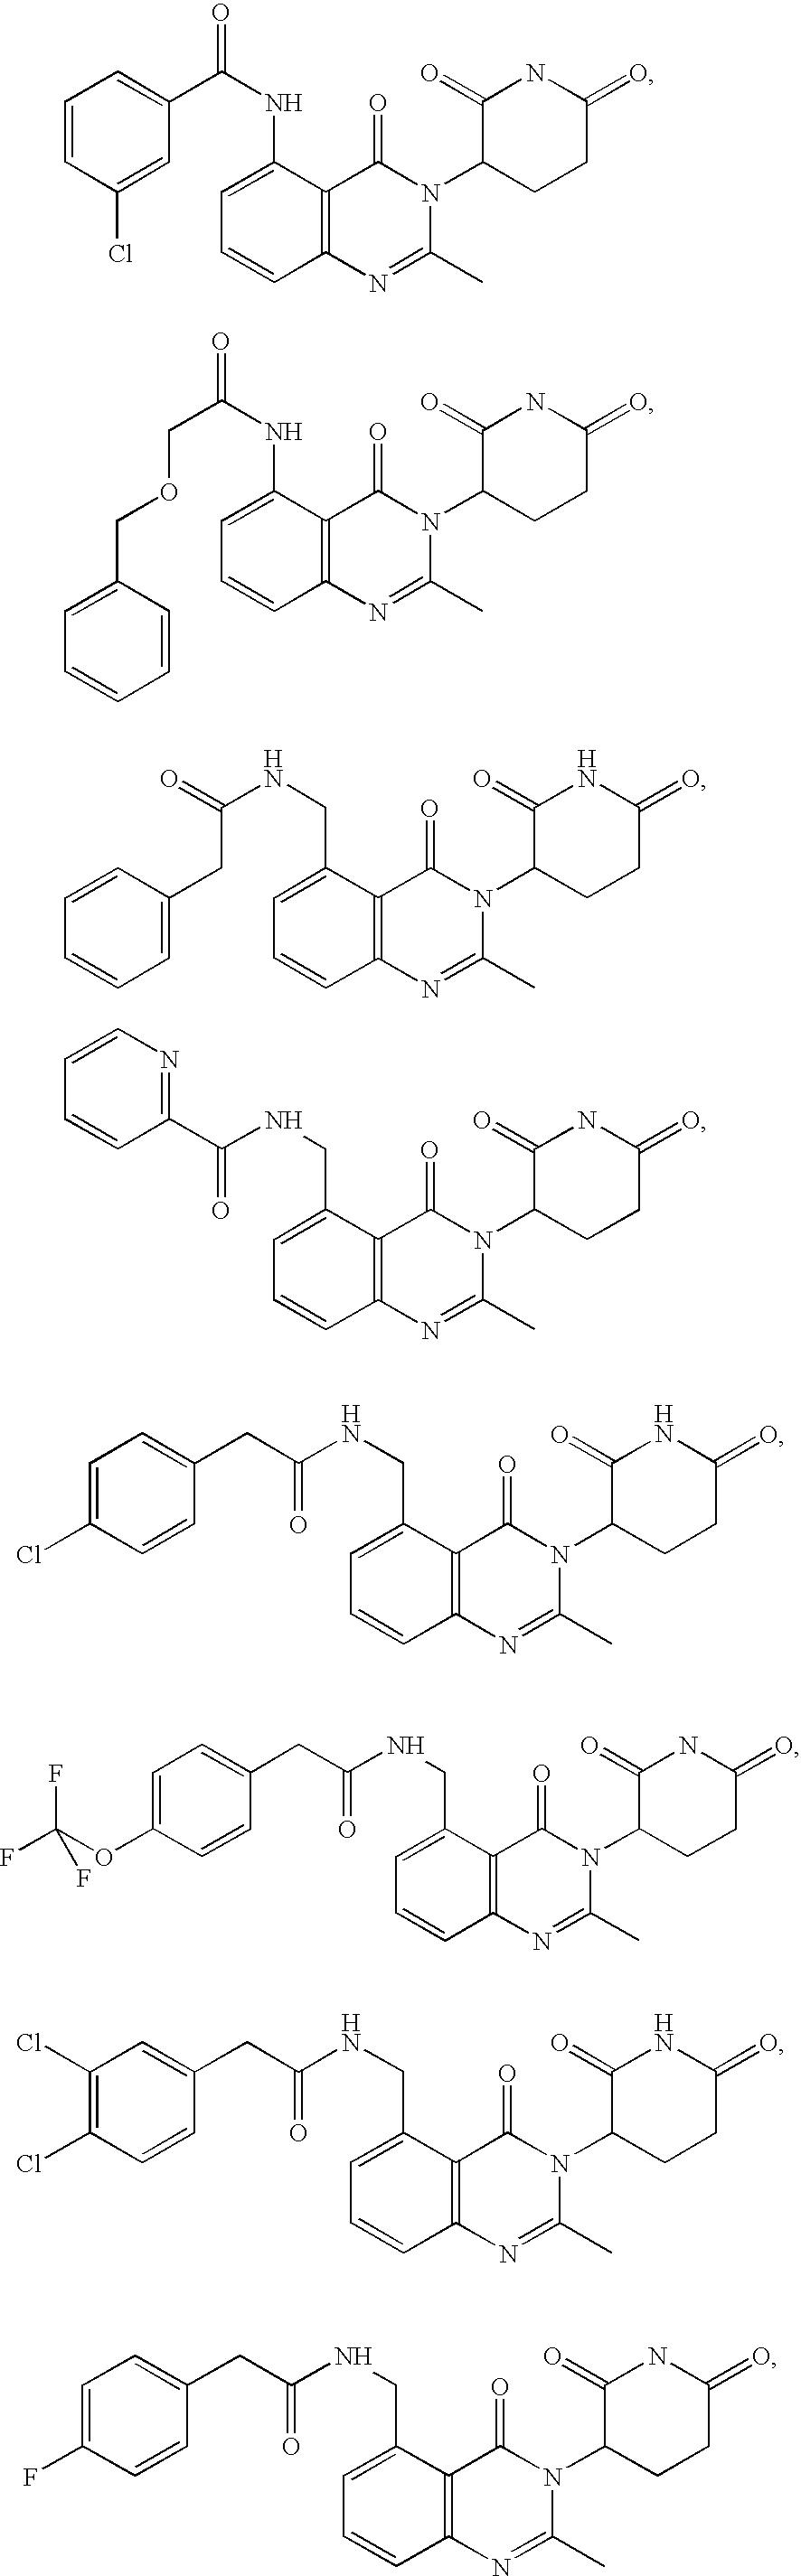 Figure US07635700-20091222-C00011